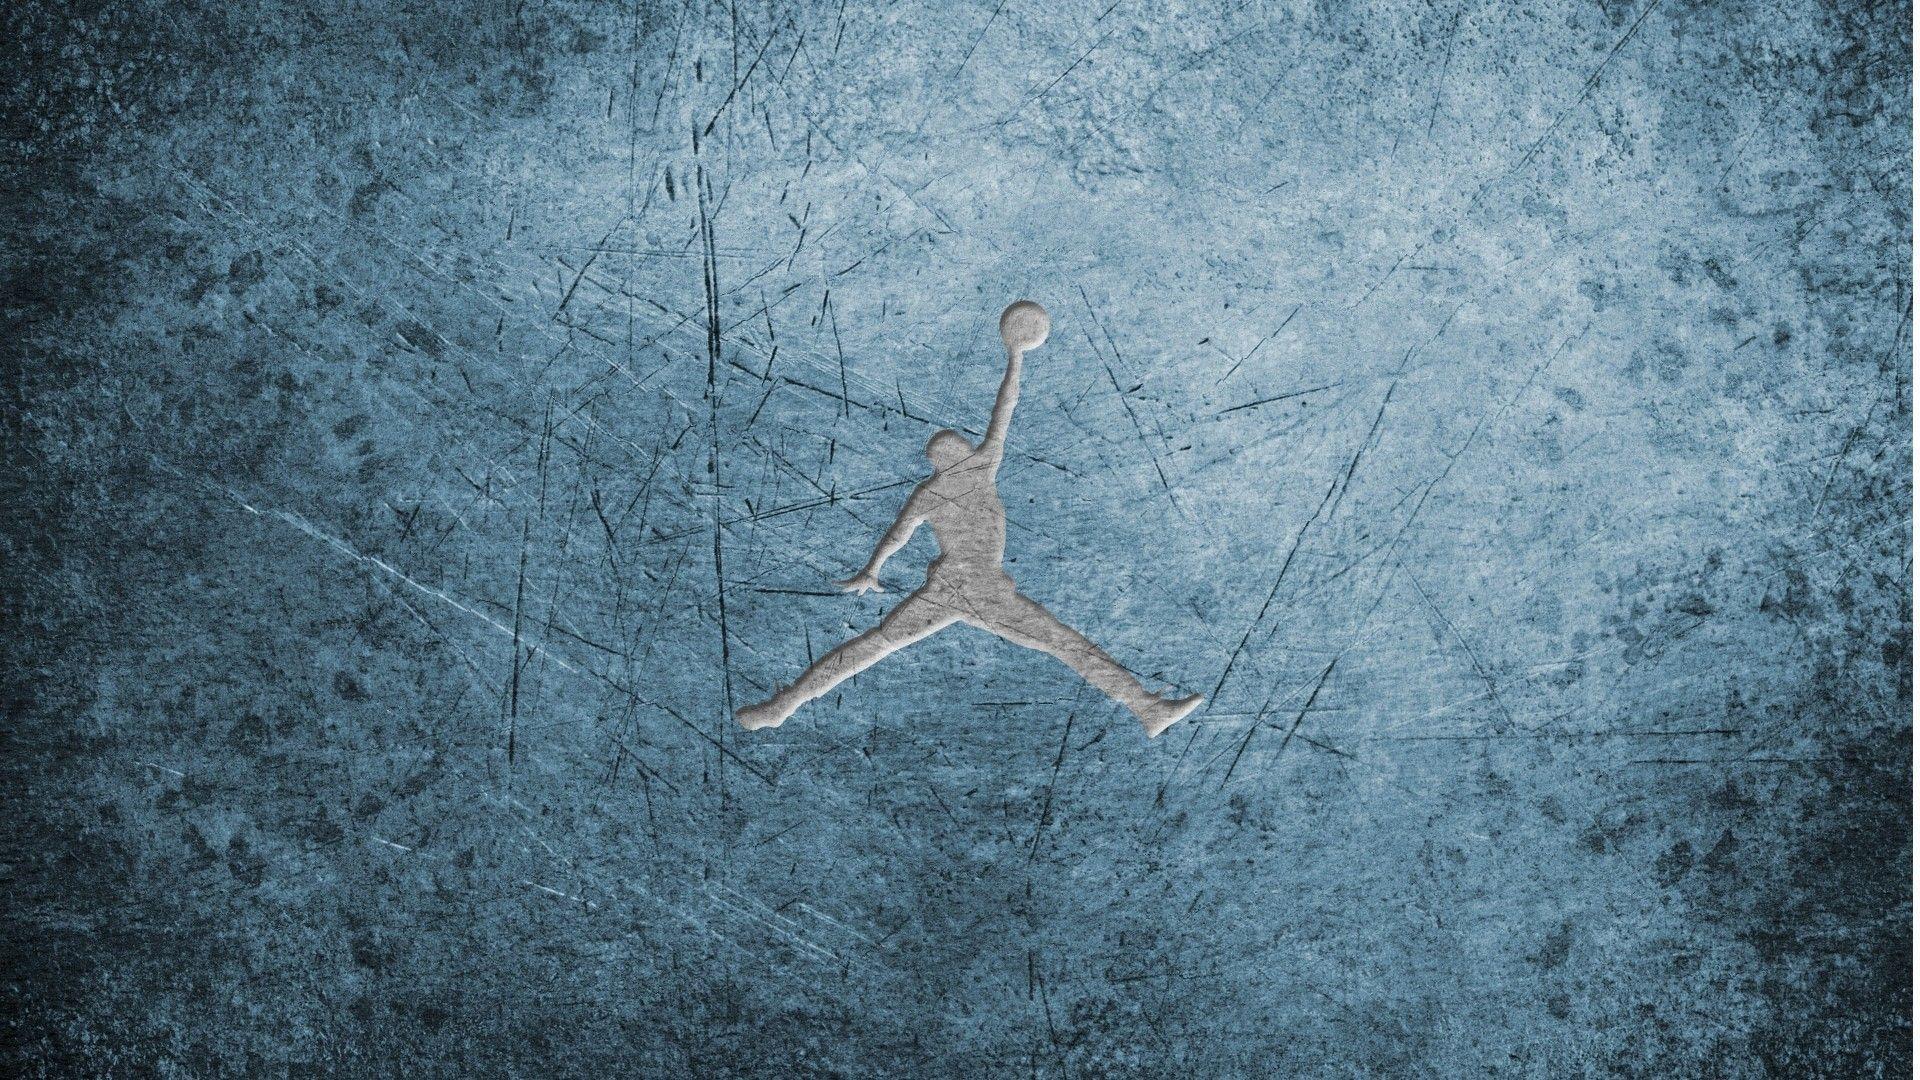 Air Jordan Wallpaper 1920×1080 Wallpaper   Tumblr Backgrounds ...